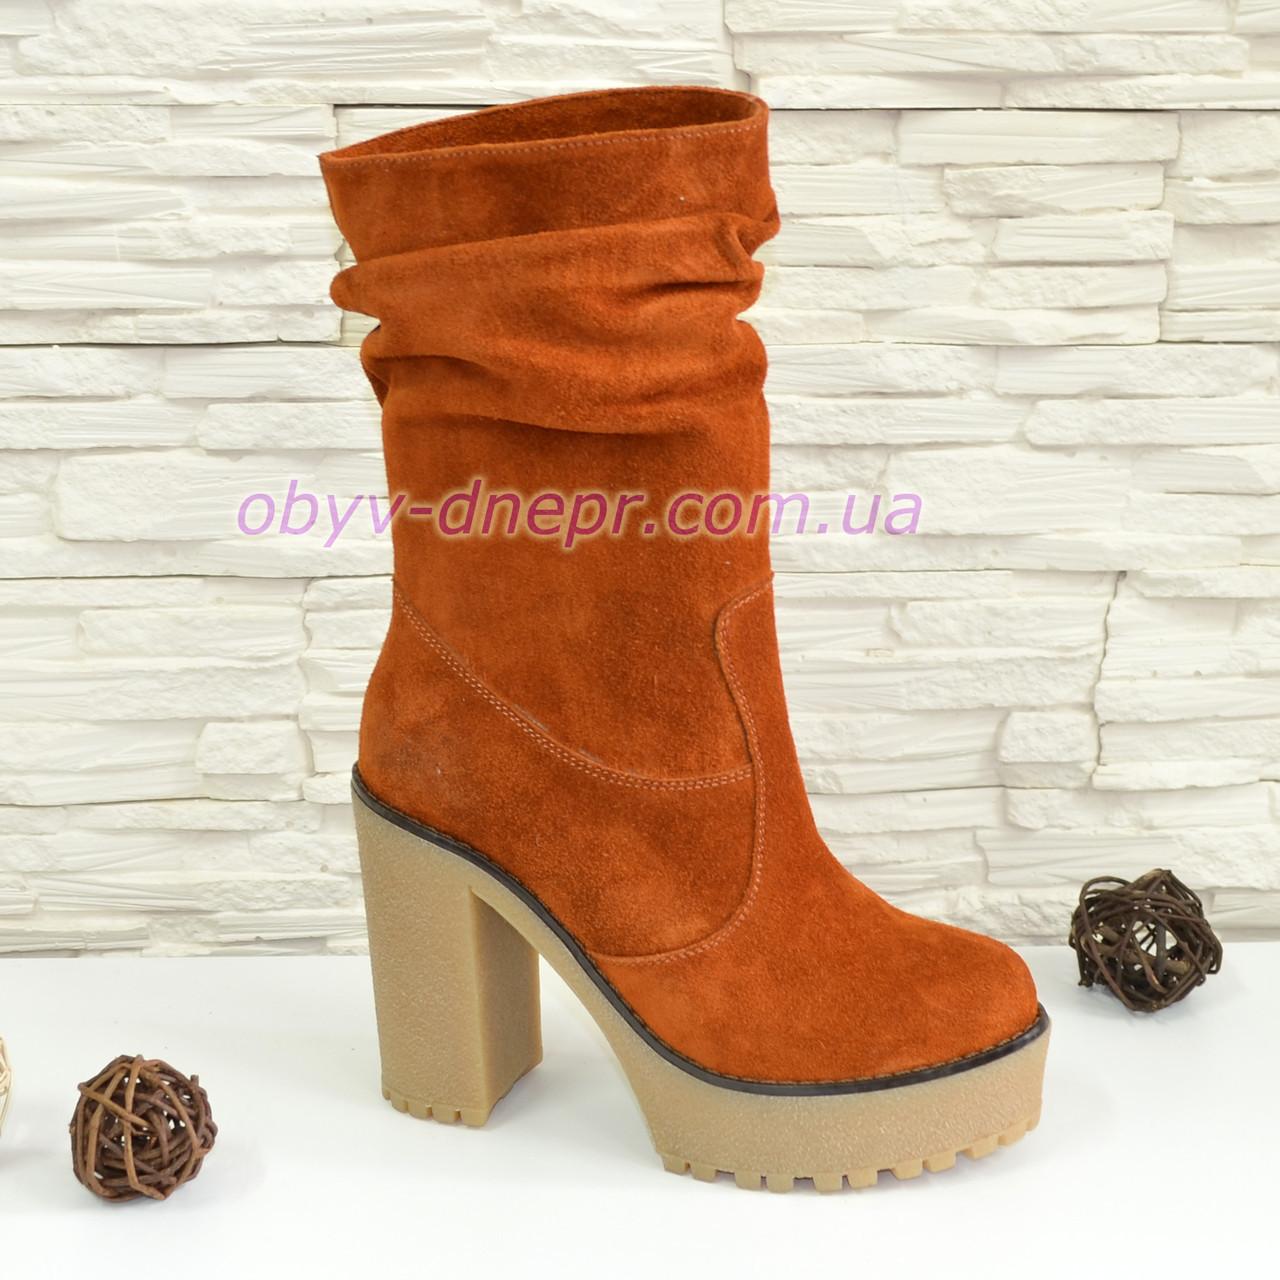 Ботинки замшевые демисезонные на высоком каблуке, цвет рыжий.